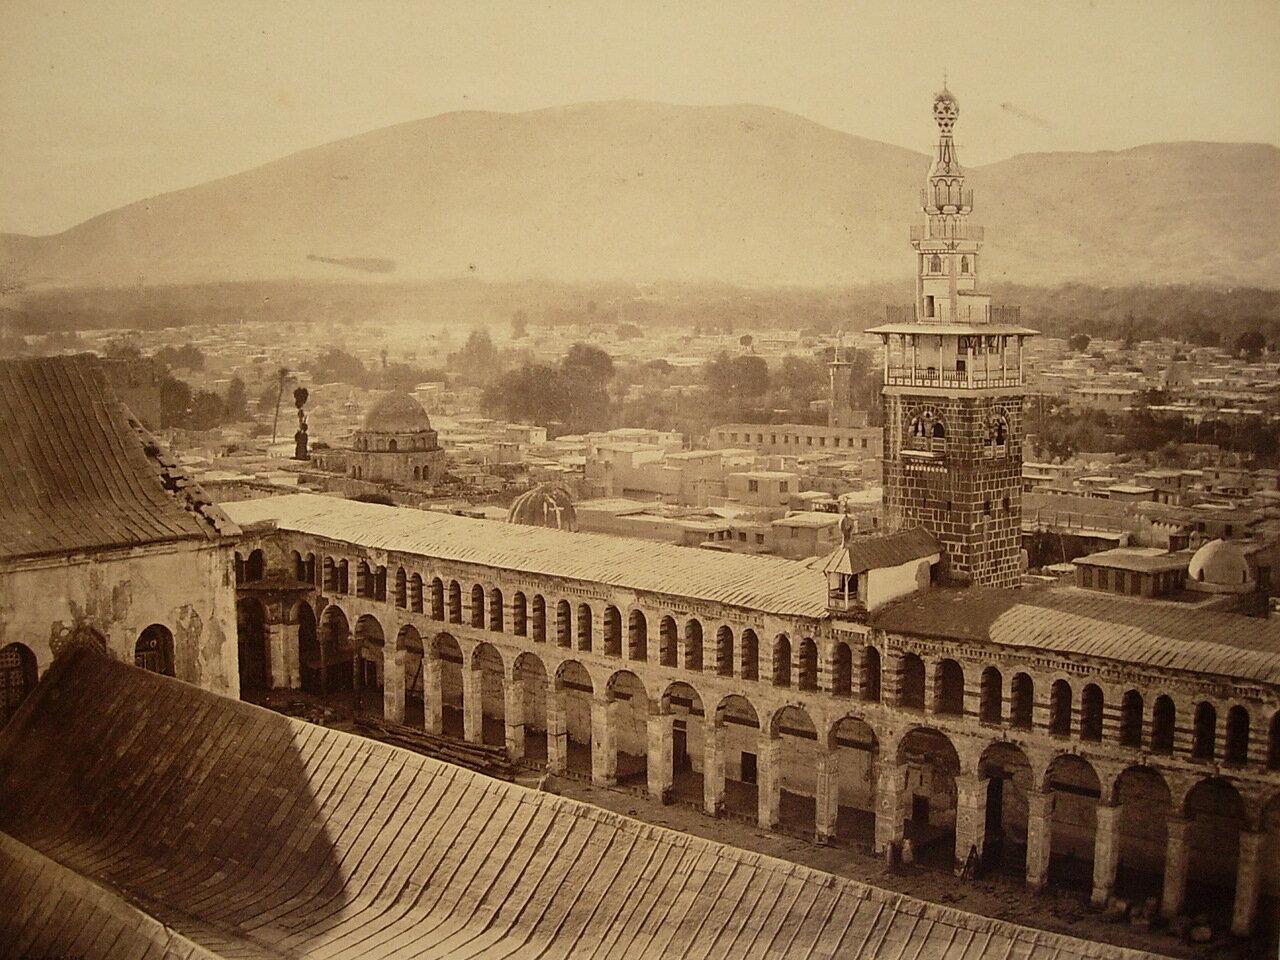 29 апреля 1862. Часть Великой Мечети от одного из минаретов. Дамаск